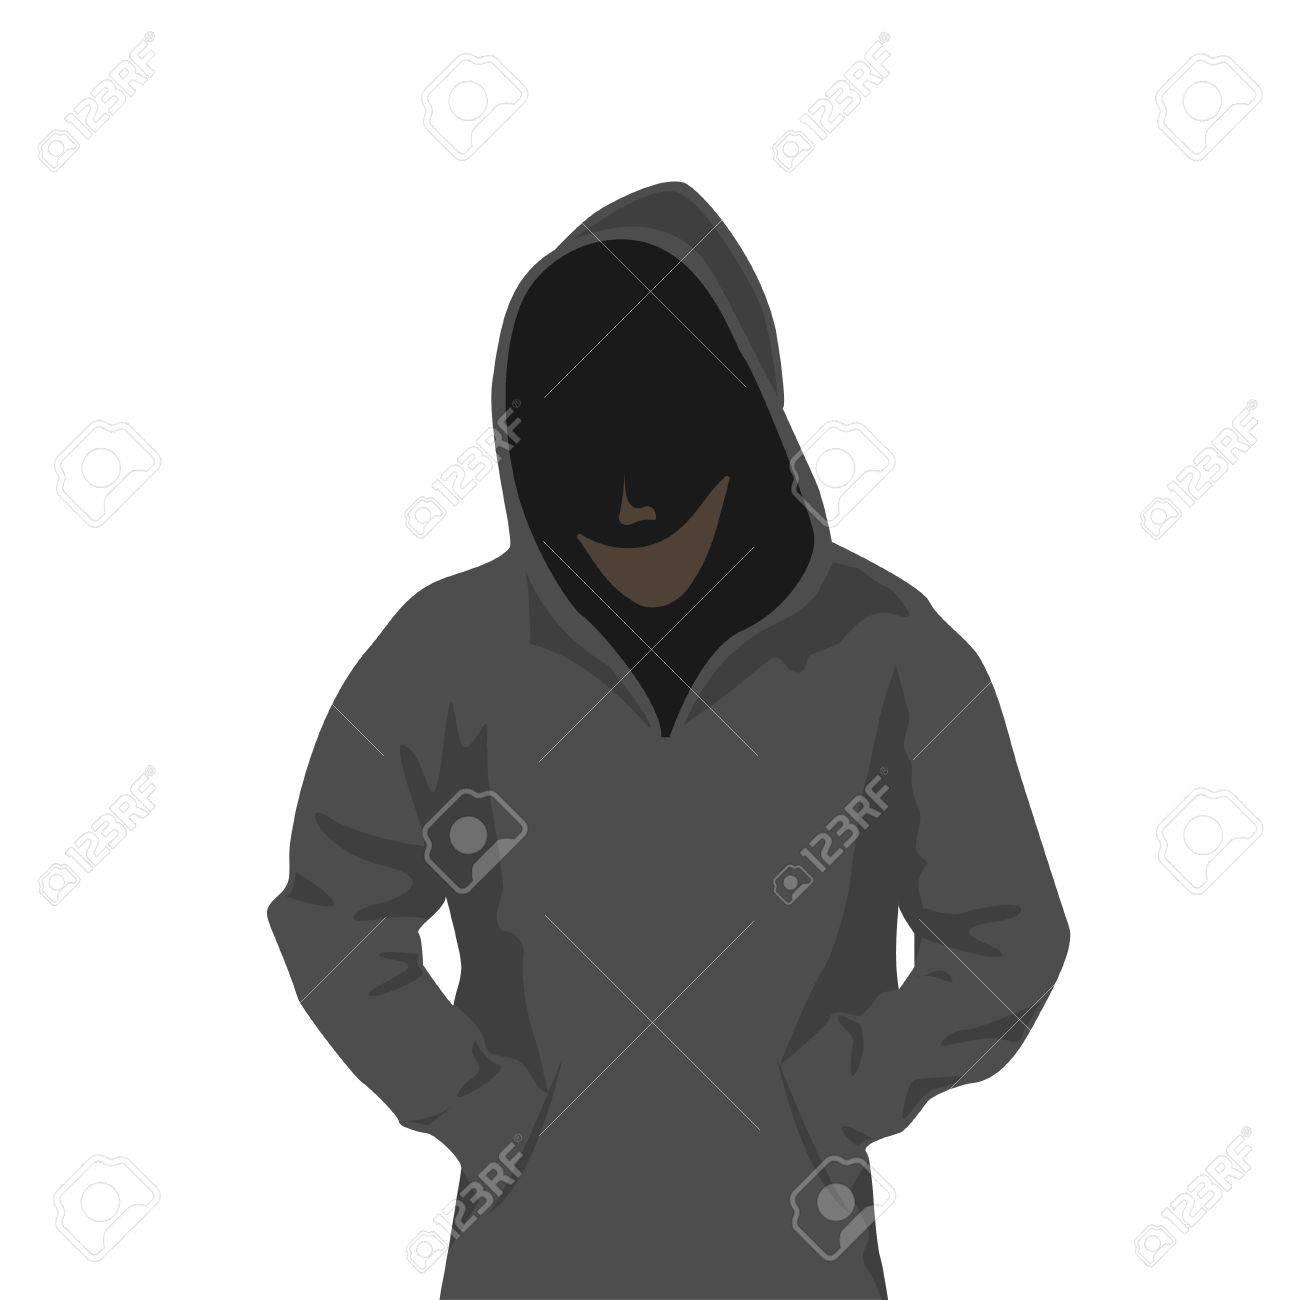 フードの男のイラスト素材 ベクタ Image